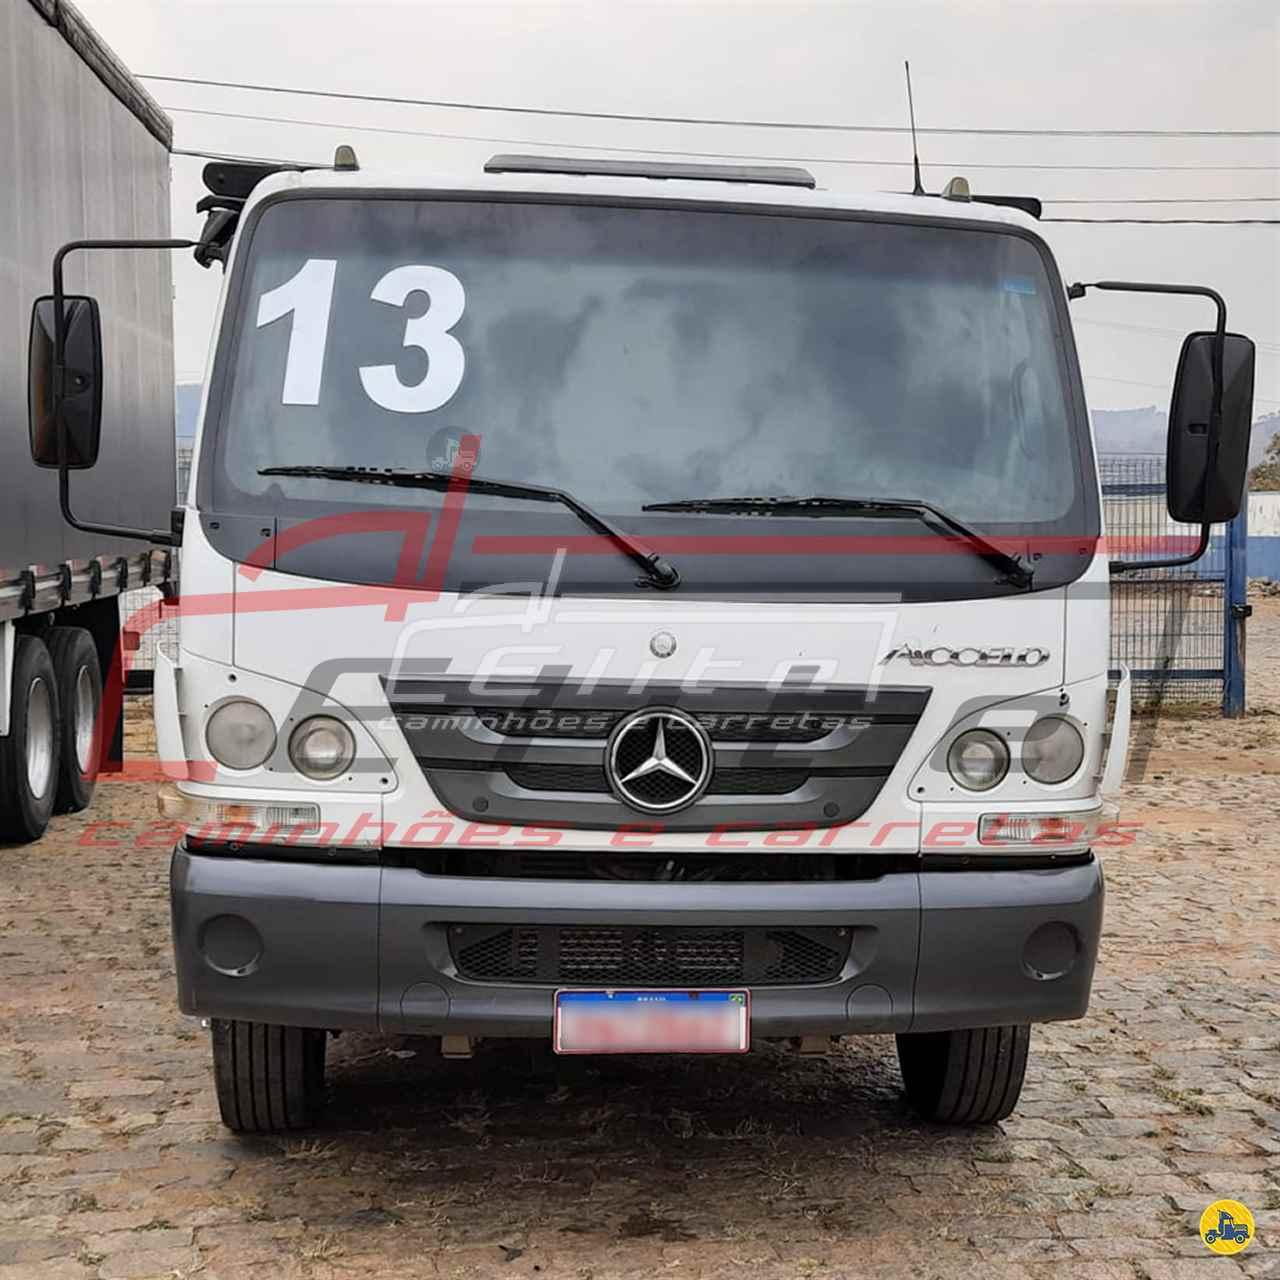 CAMINHAO MERCEDES-BENZ MB 1016 Carga Seca Toco 4x2 Elite Caminhões ESTIVA MINAS GERAIS MG